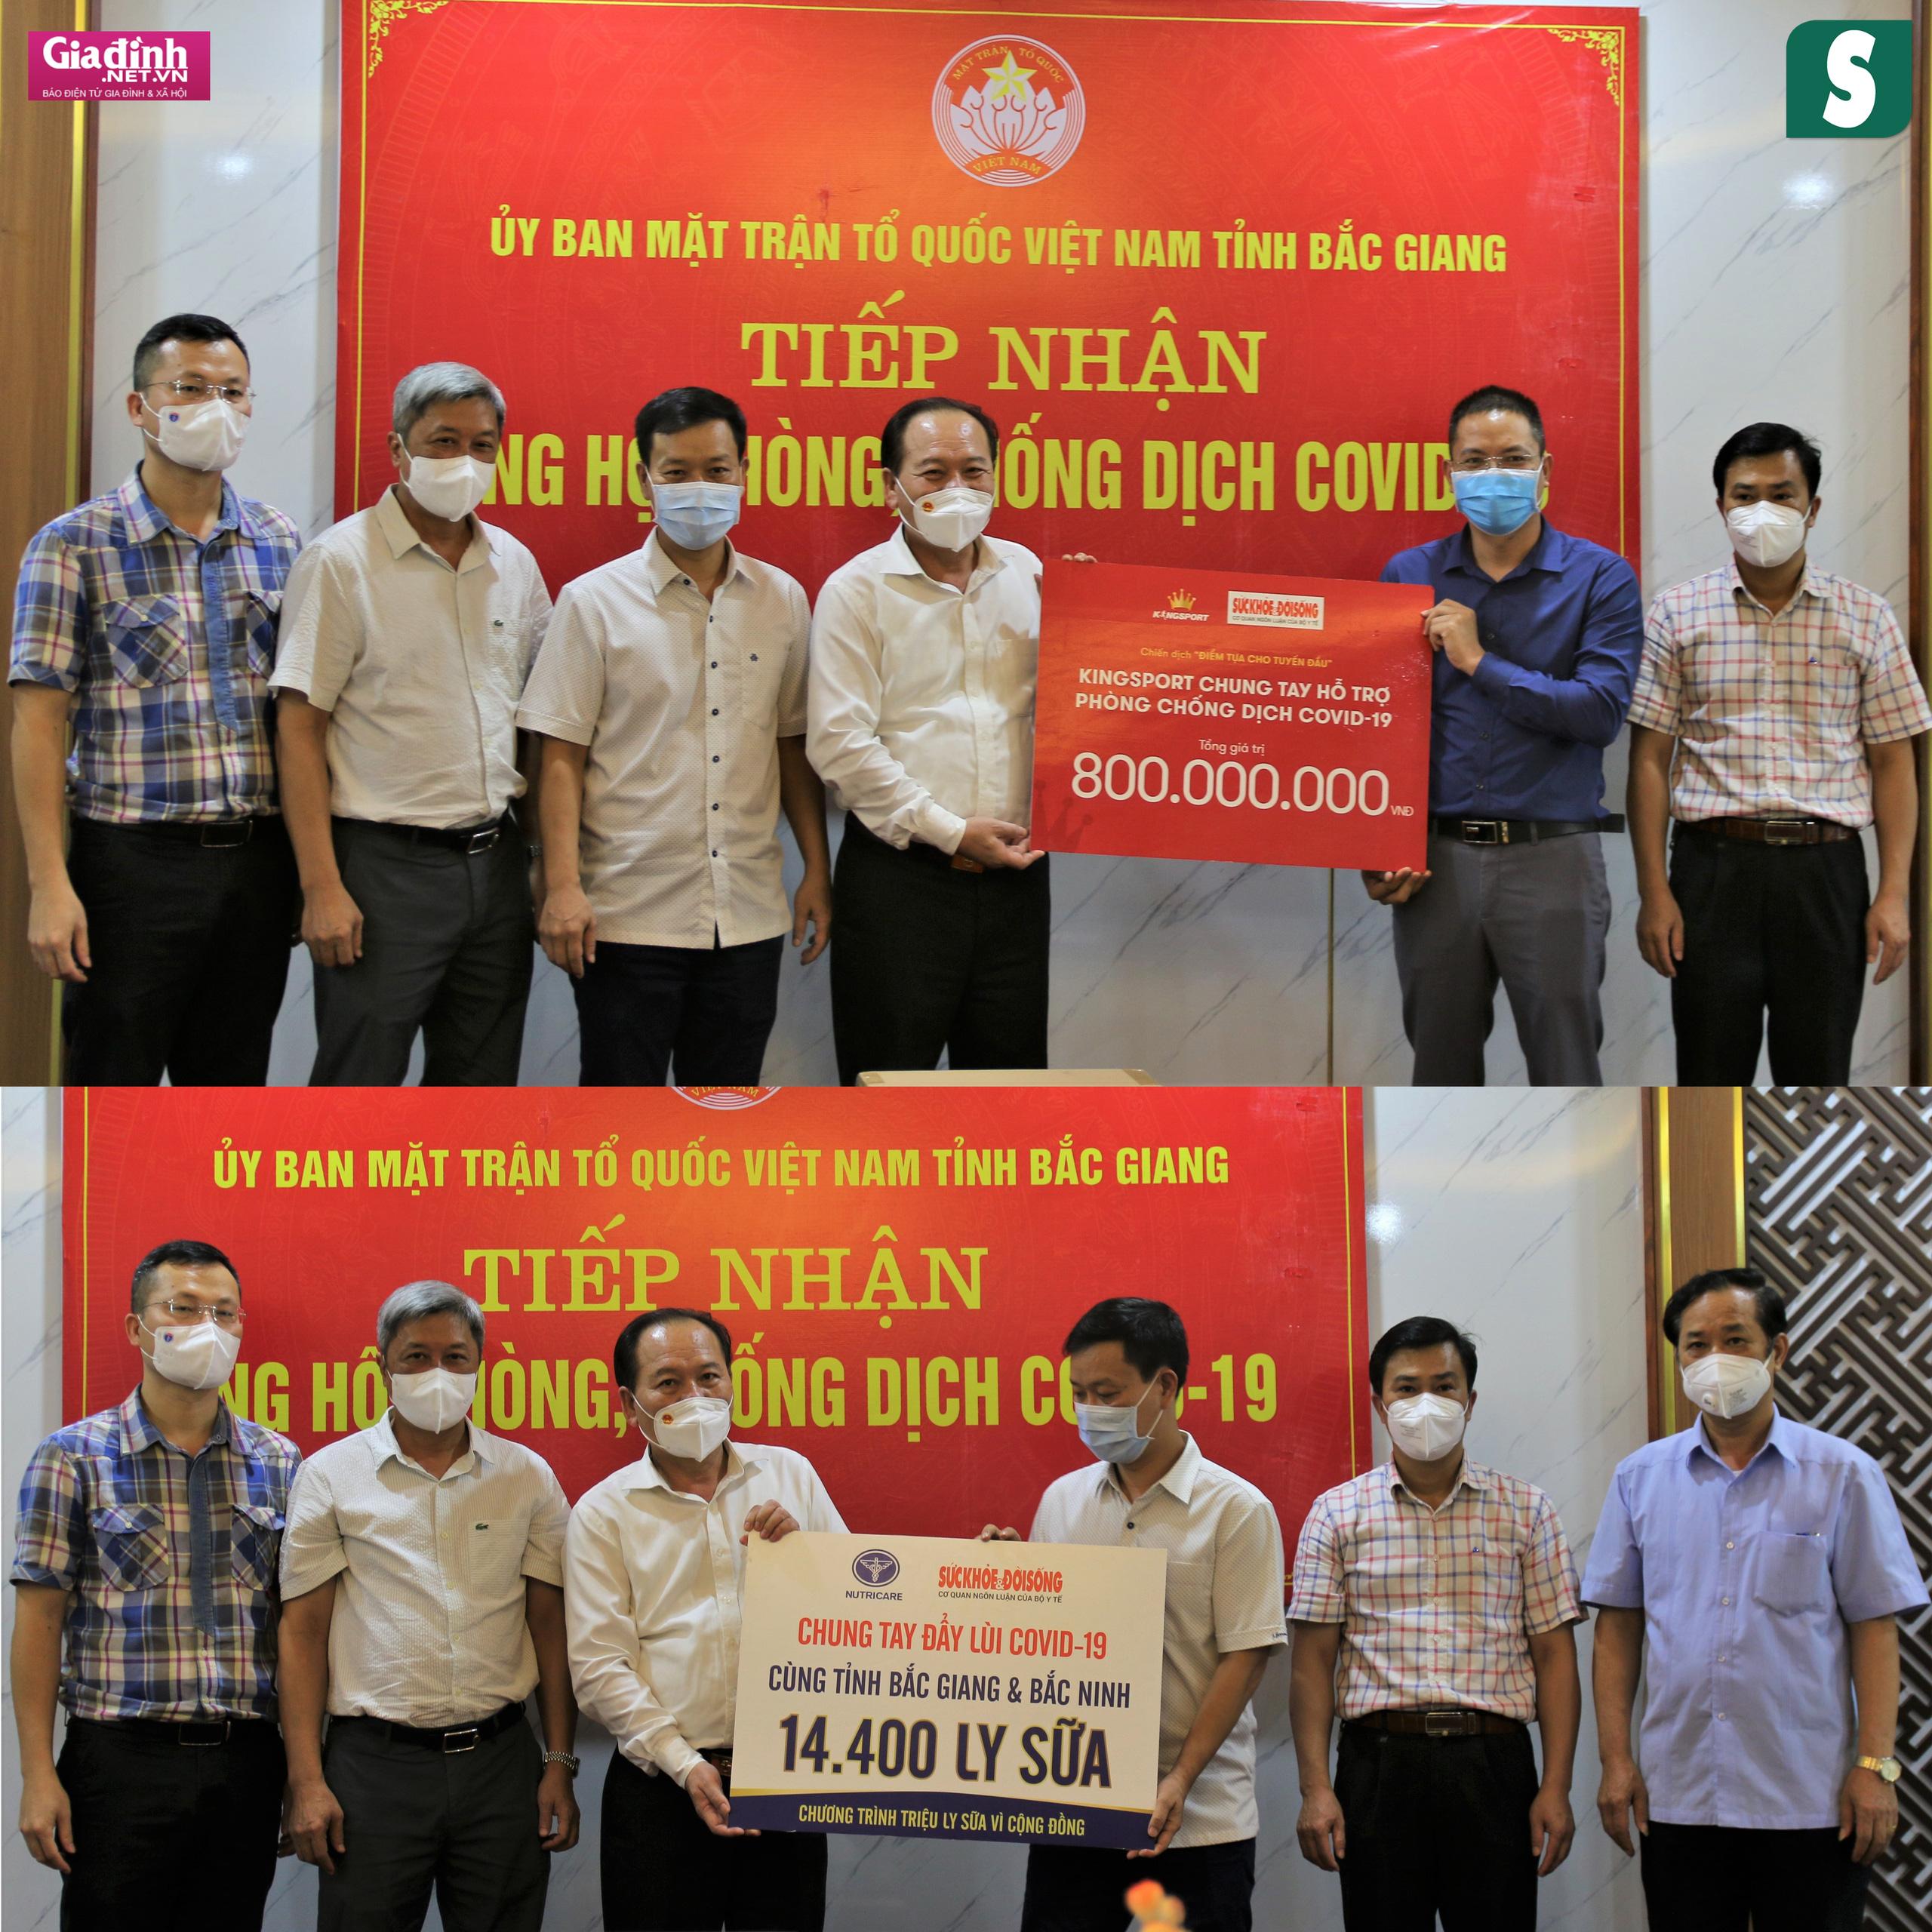 Báo Sức khỏe & Đời sống và Báo Gia đình & Xã hội kêu gọi hơn 1,8 tỷ đồng hỗ trợ Bắc Giang, Bắc Ninh chống dịch - Ảnh 5.